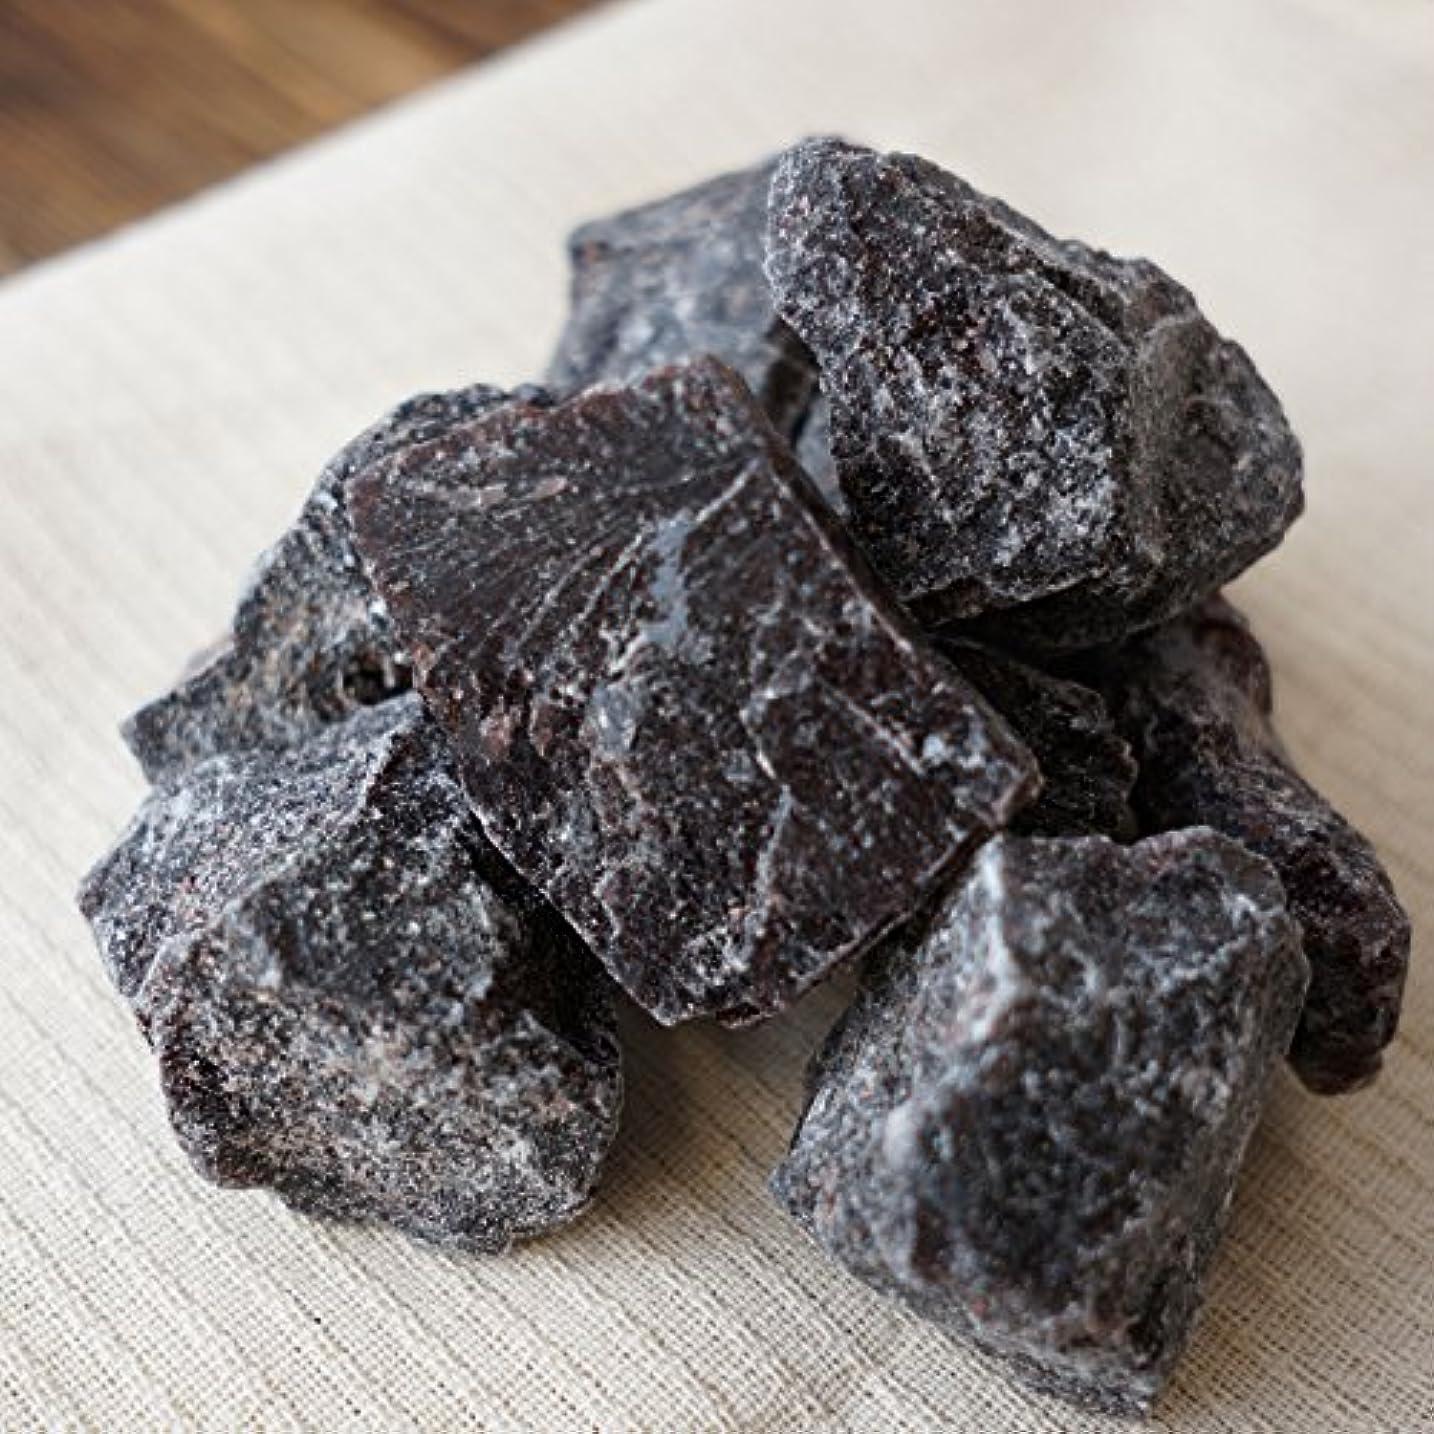 招待無駄望ましい希少 インド岩塩 ルビー ブロック 約2-5cm 10kg 10,000g 原料